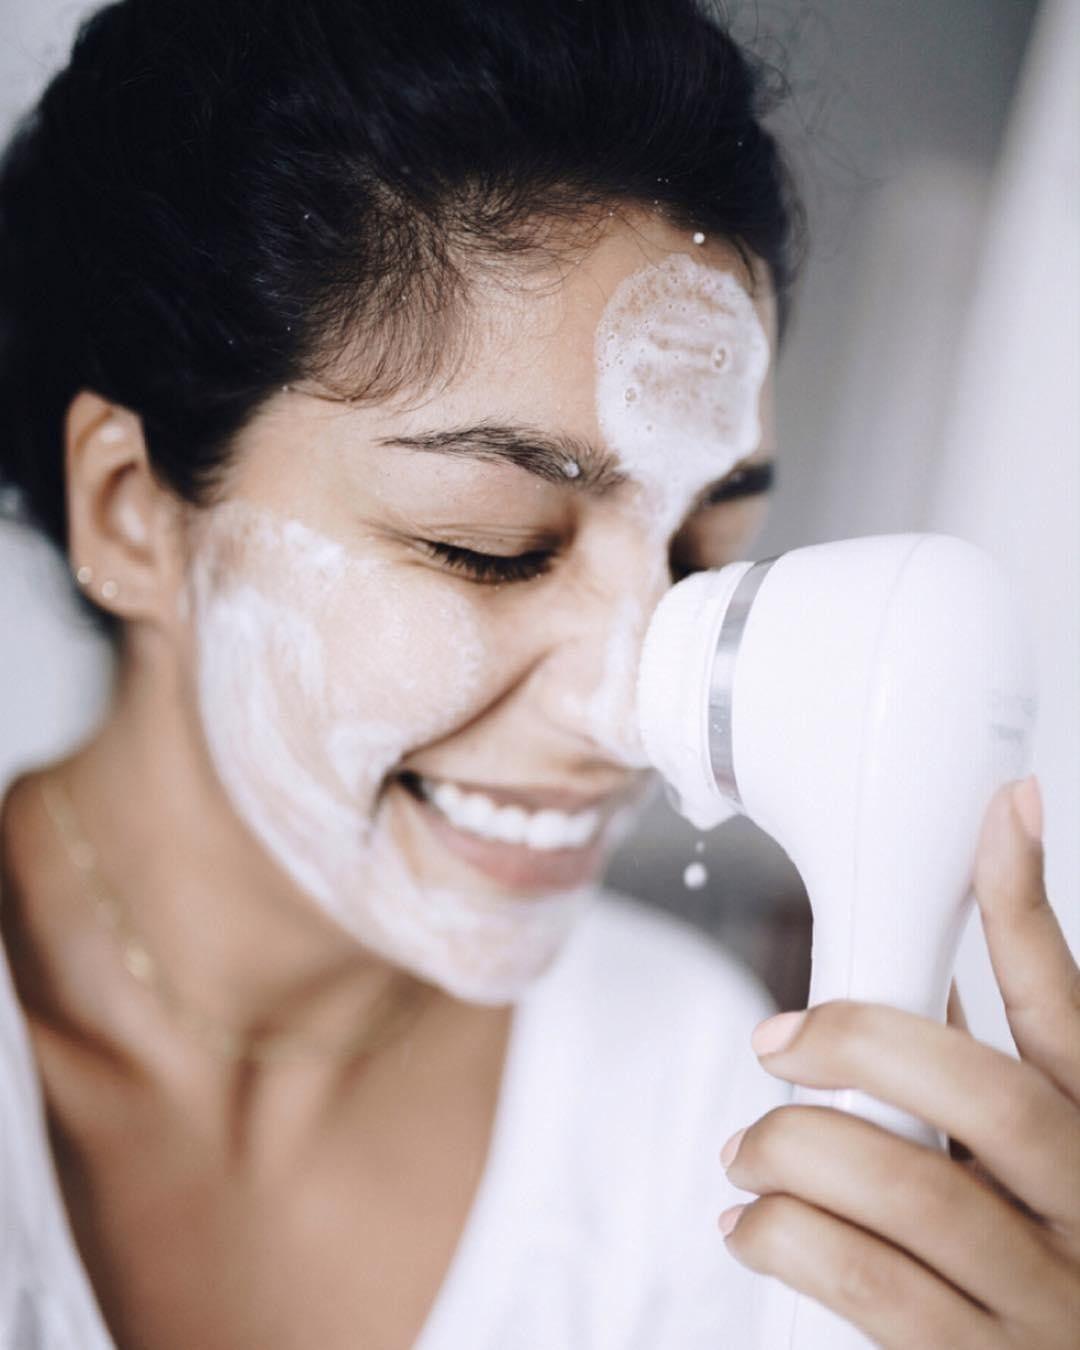 Cách sử dụng máy rửa mặt và các dụng cụ rửa mặt đúng chuẩn và hiệu quả nhất